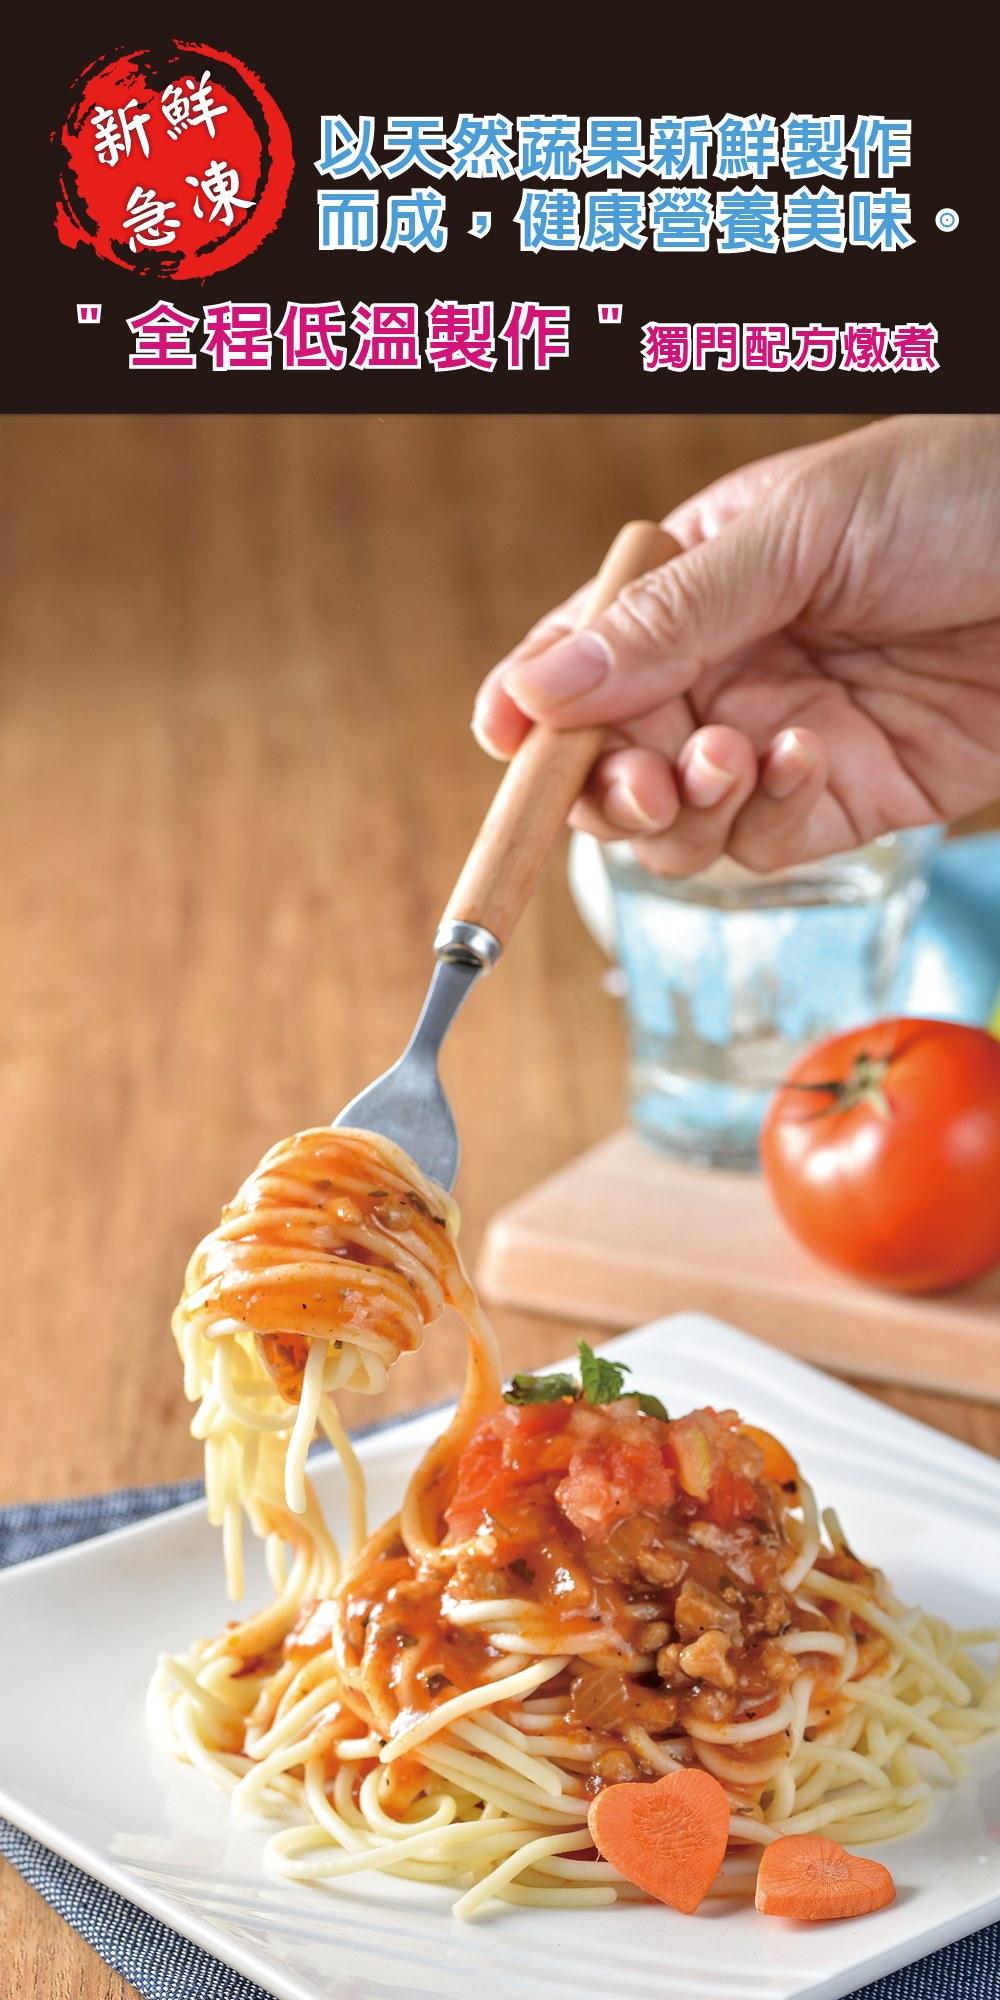 【蔥媽媽】蕃茄肉醬義大利麵